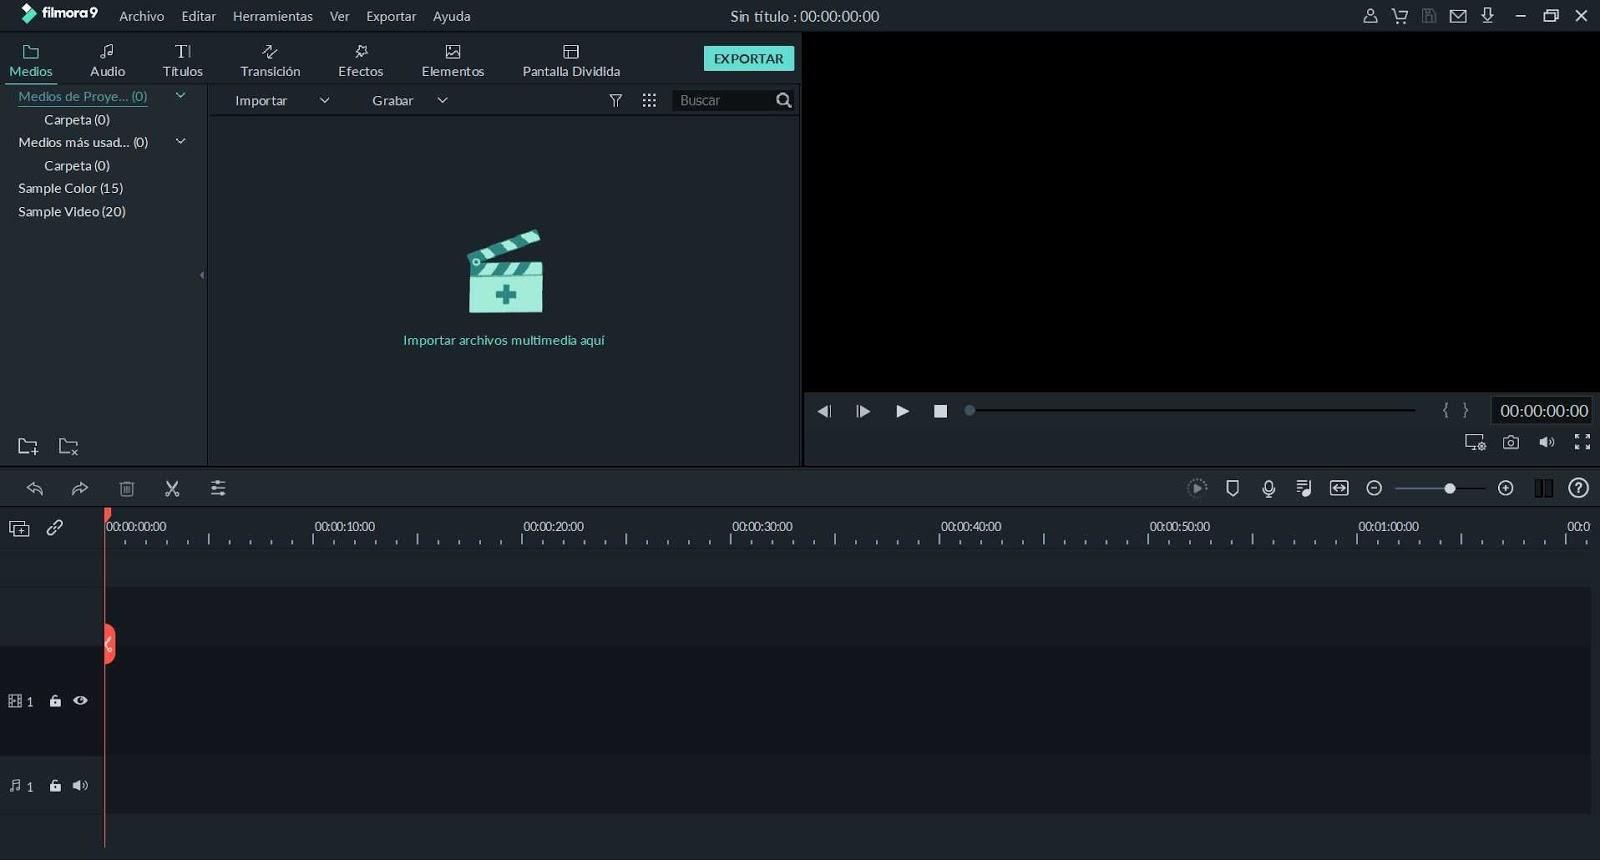 تحميل برنامج Wondershare Filmora 9.4.7.4 لتحريرفيديو قوي وسهل الاستخدام